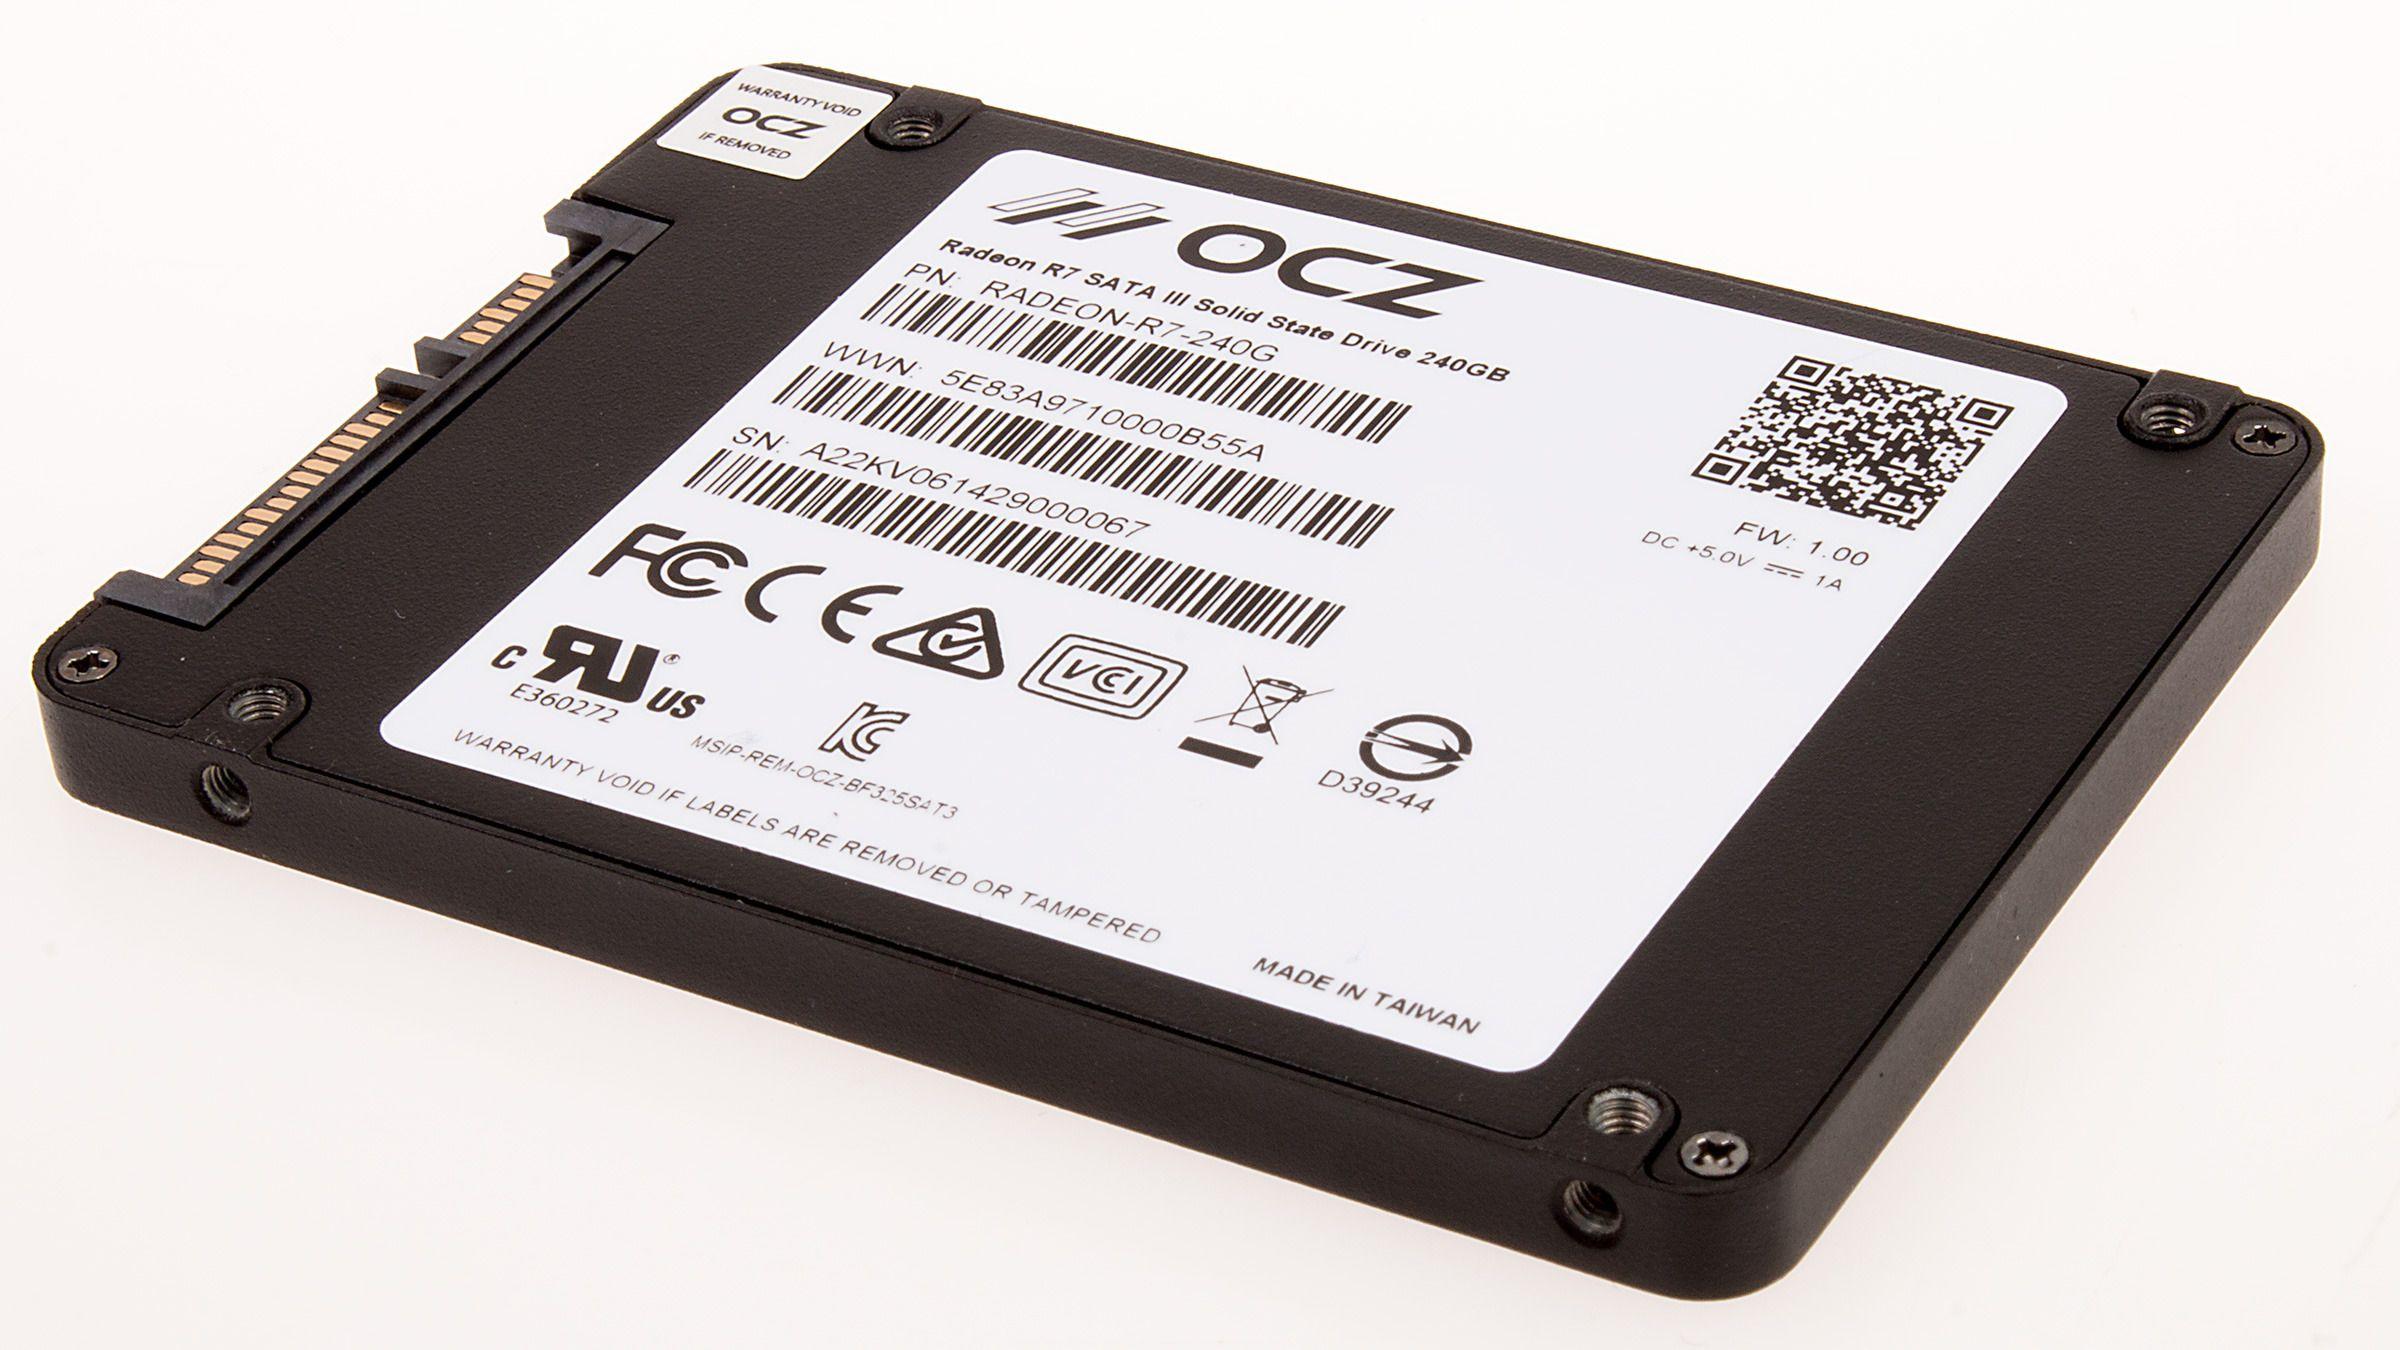 Det er lett å se hvem som har produsert AMDs nye SSD for dem.Foto: Varg Aamo, Hardware.no